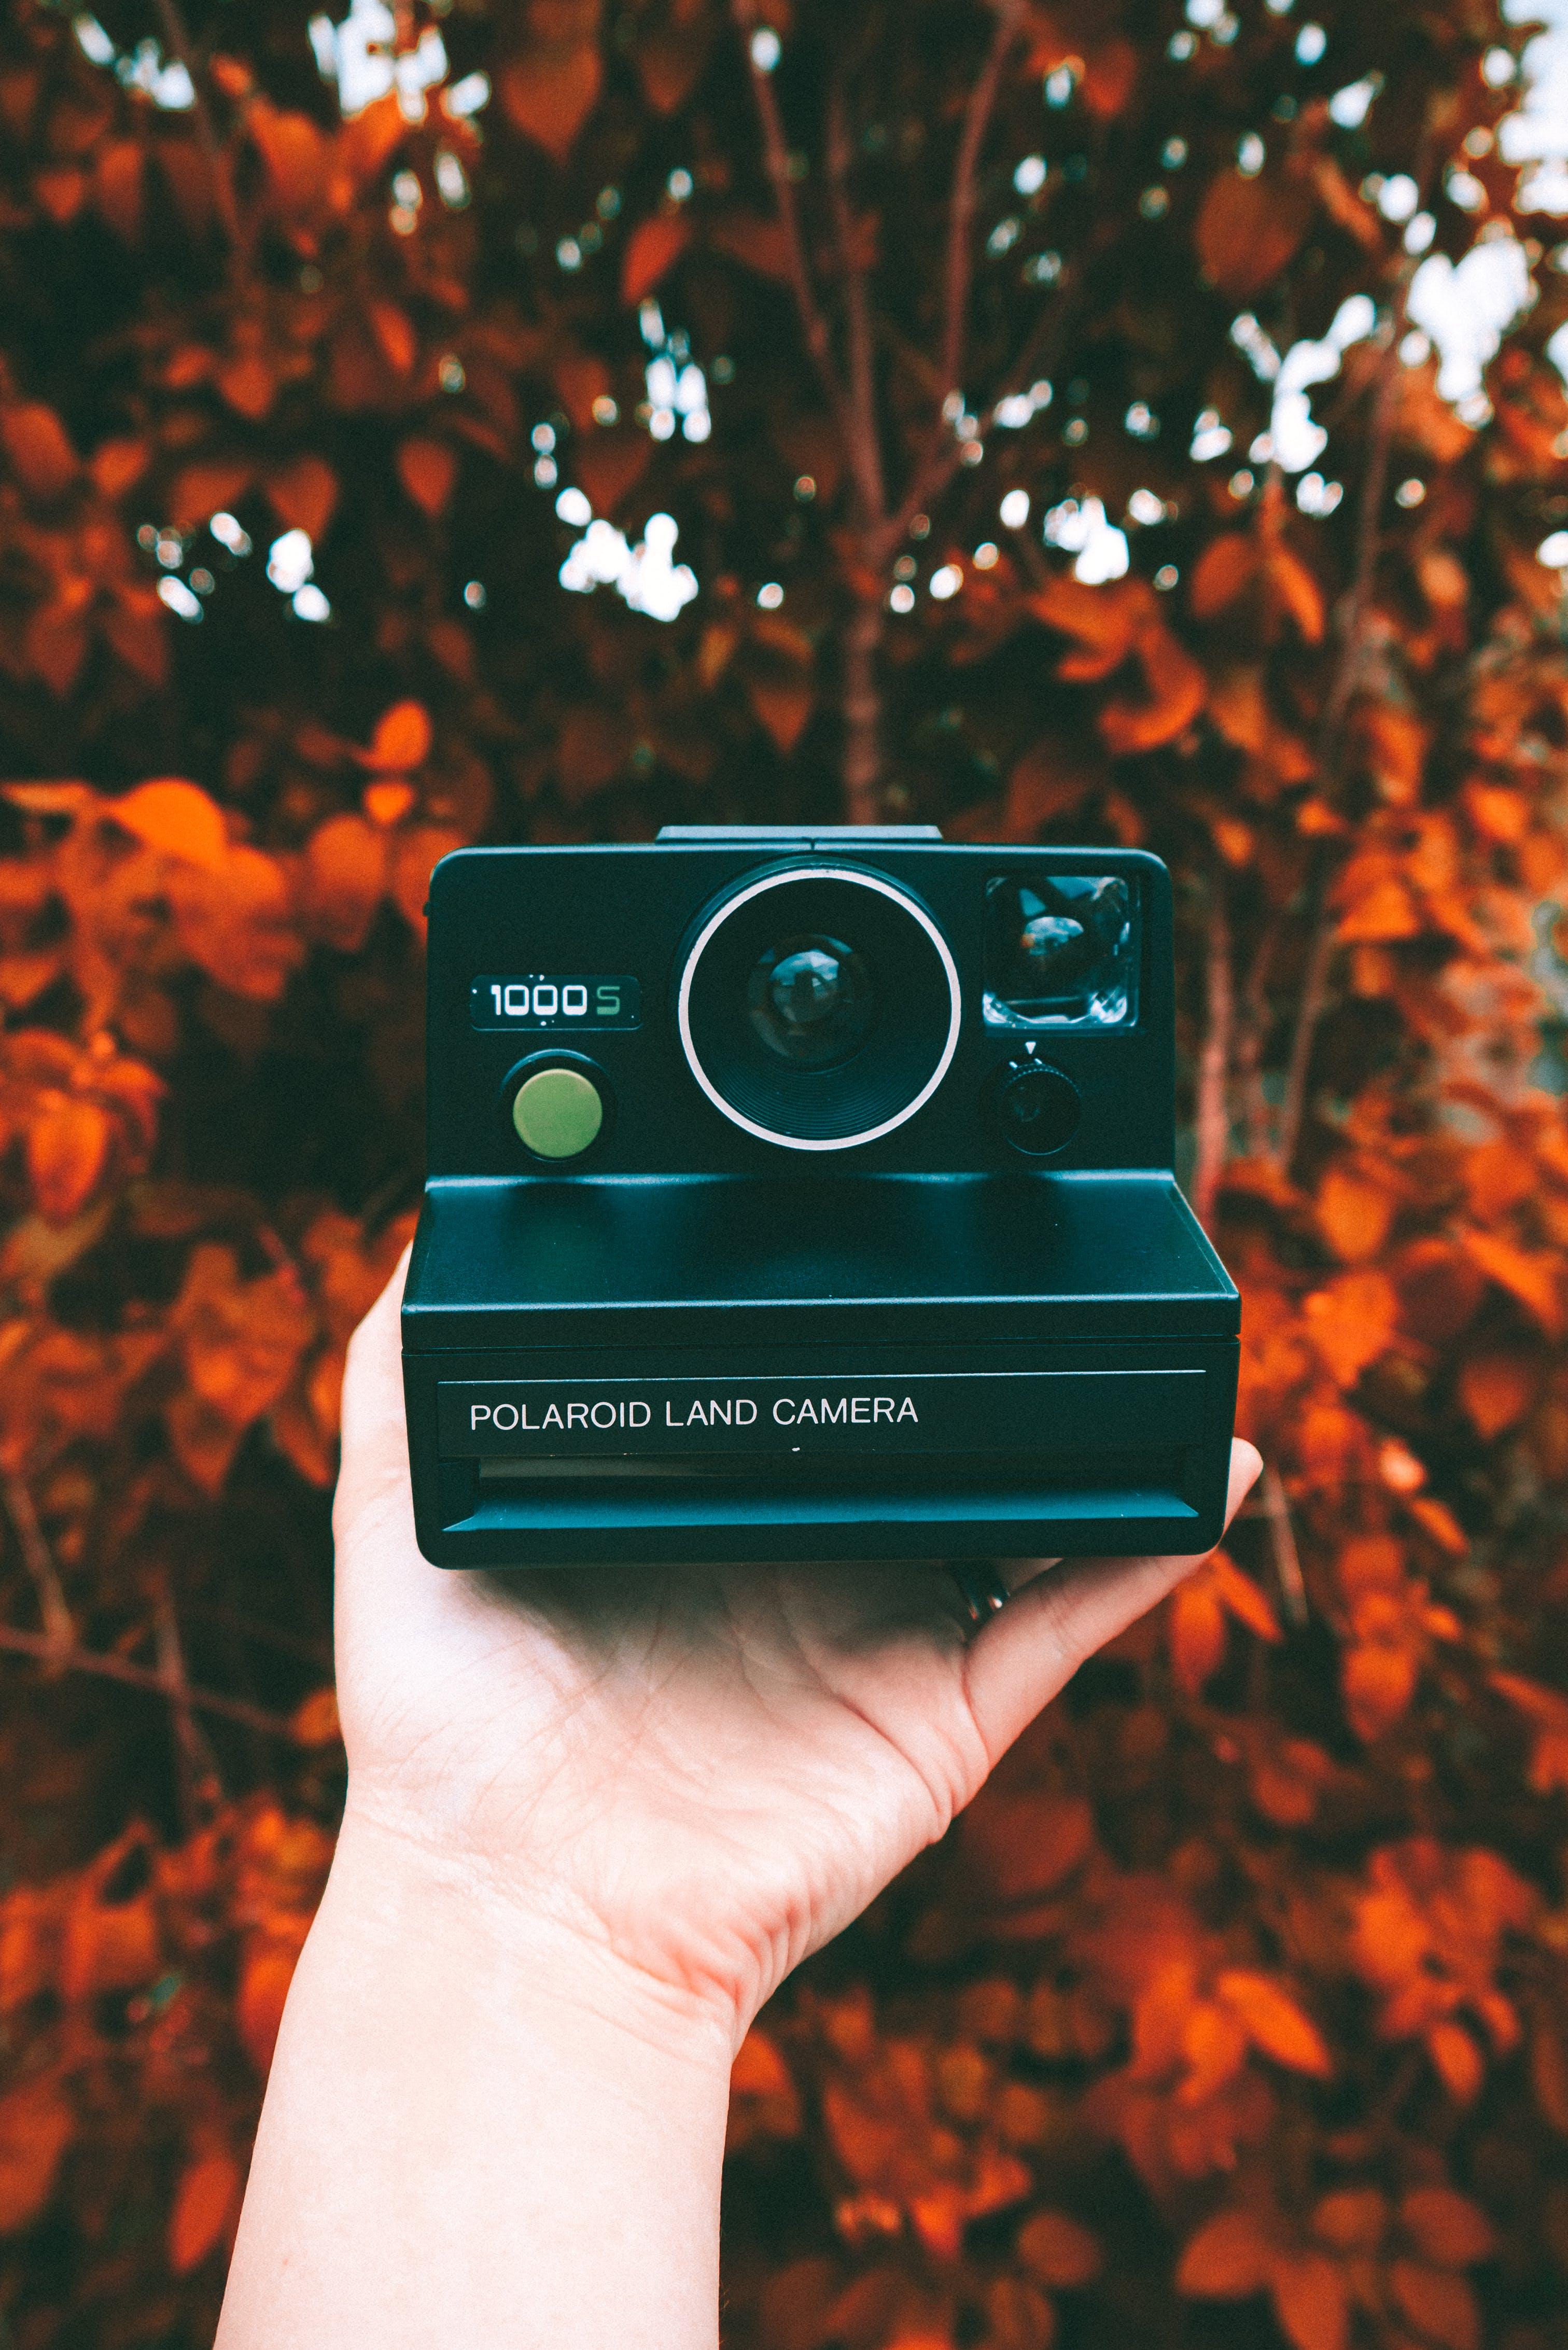 復古, 復古相機, 拍立得, 相機 的 免費圖庫相片